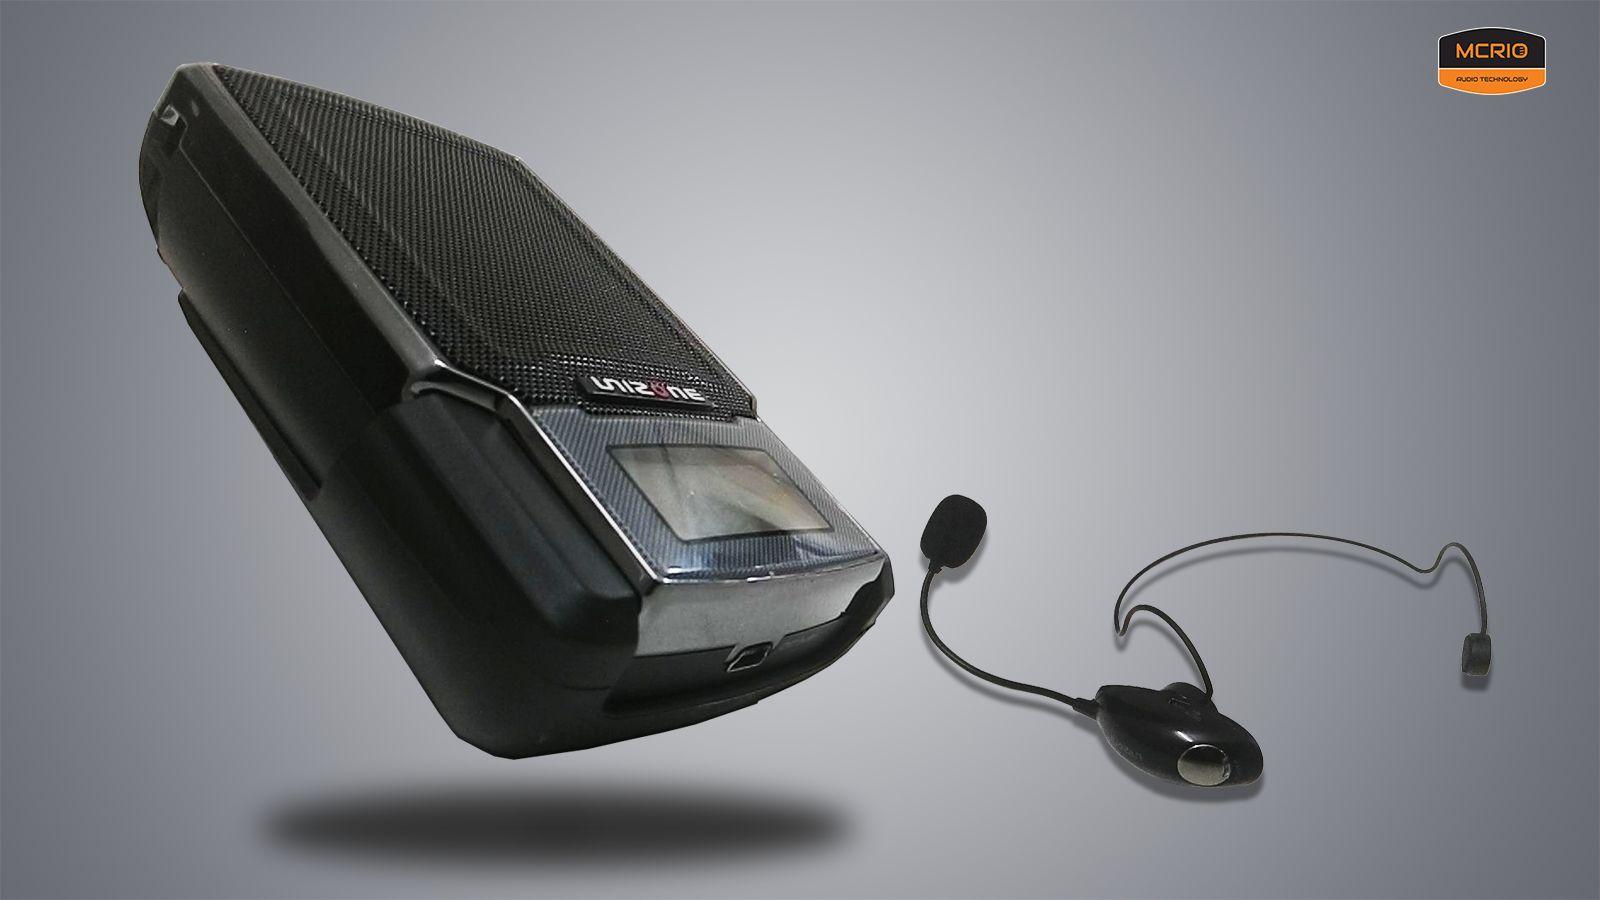 máy trợ giảng unizone 9580 F2